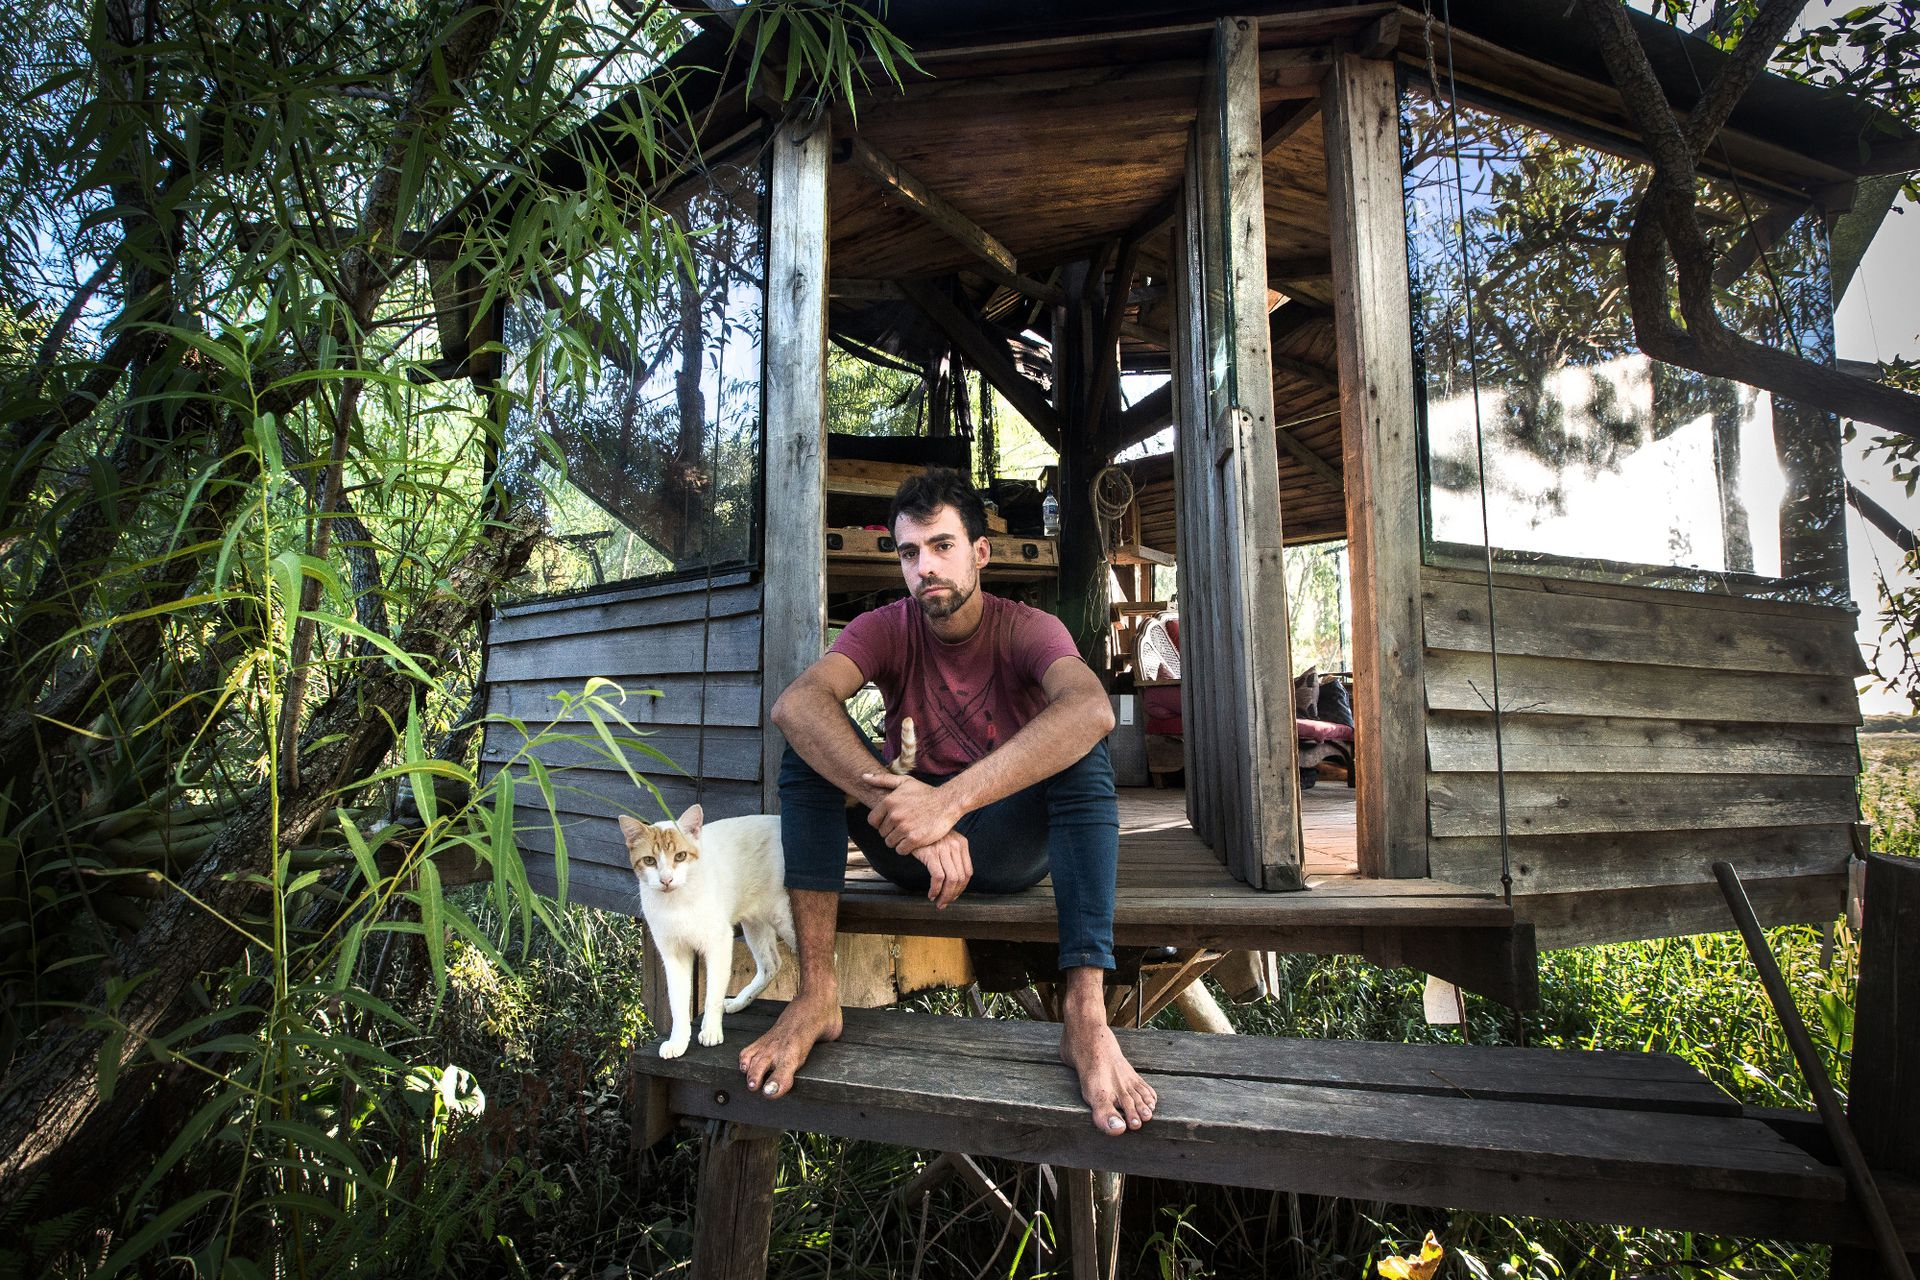 Rodrigo García es uno de los nuevos isleños y dice que robaron en las casas alrededor de la suya